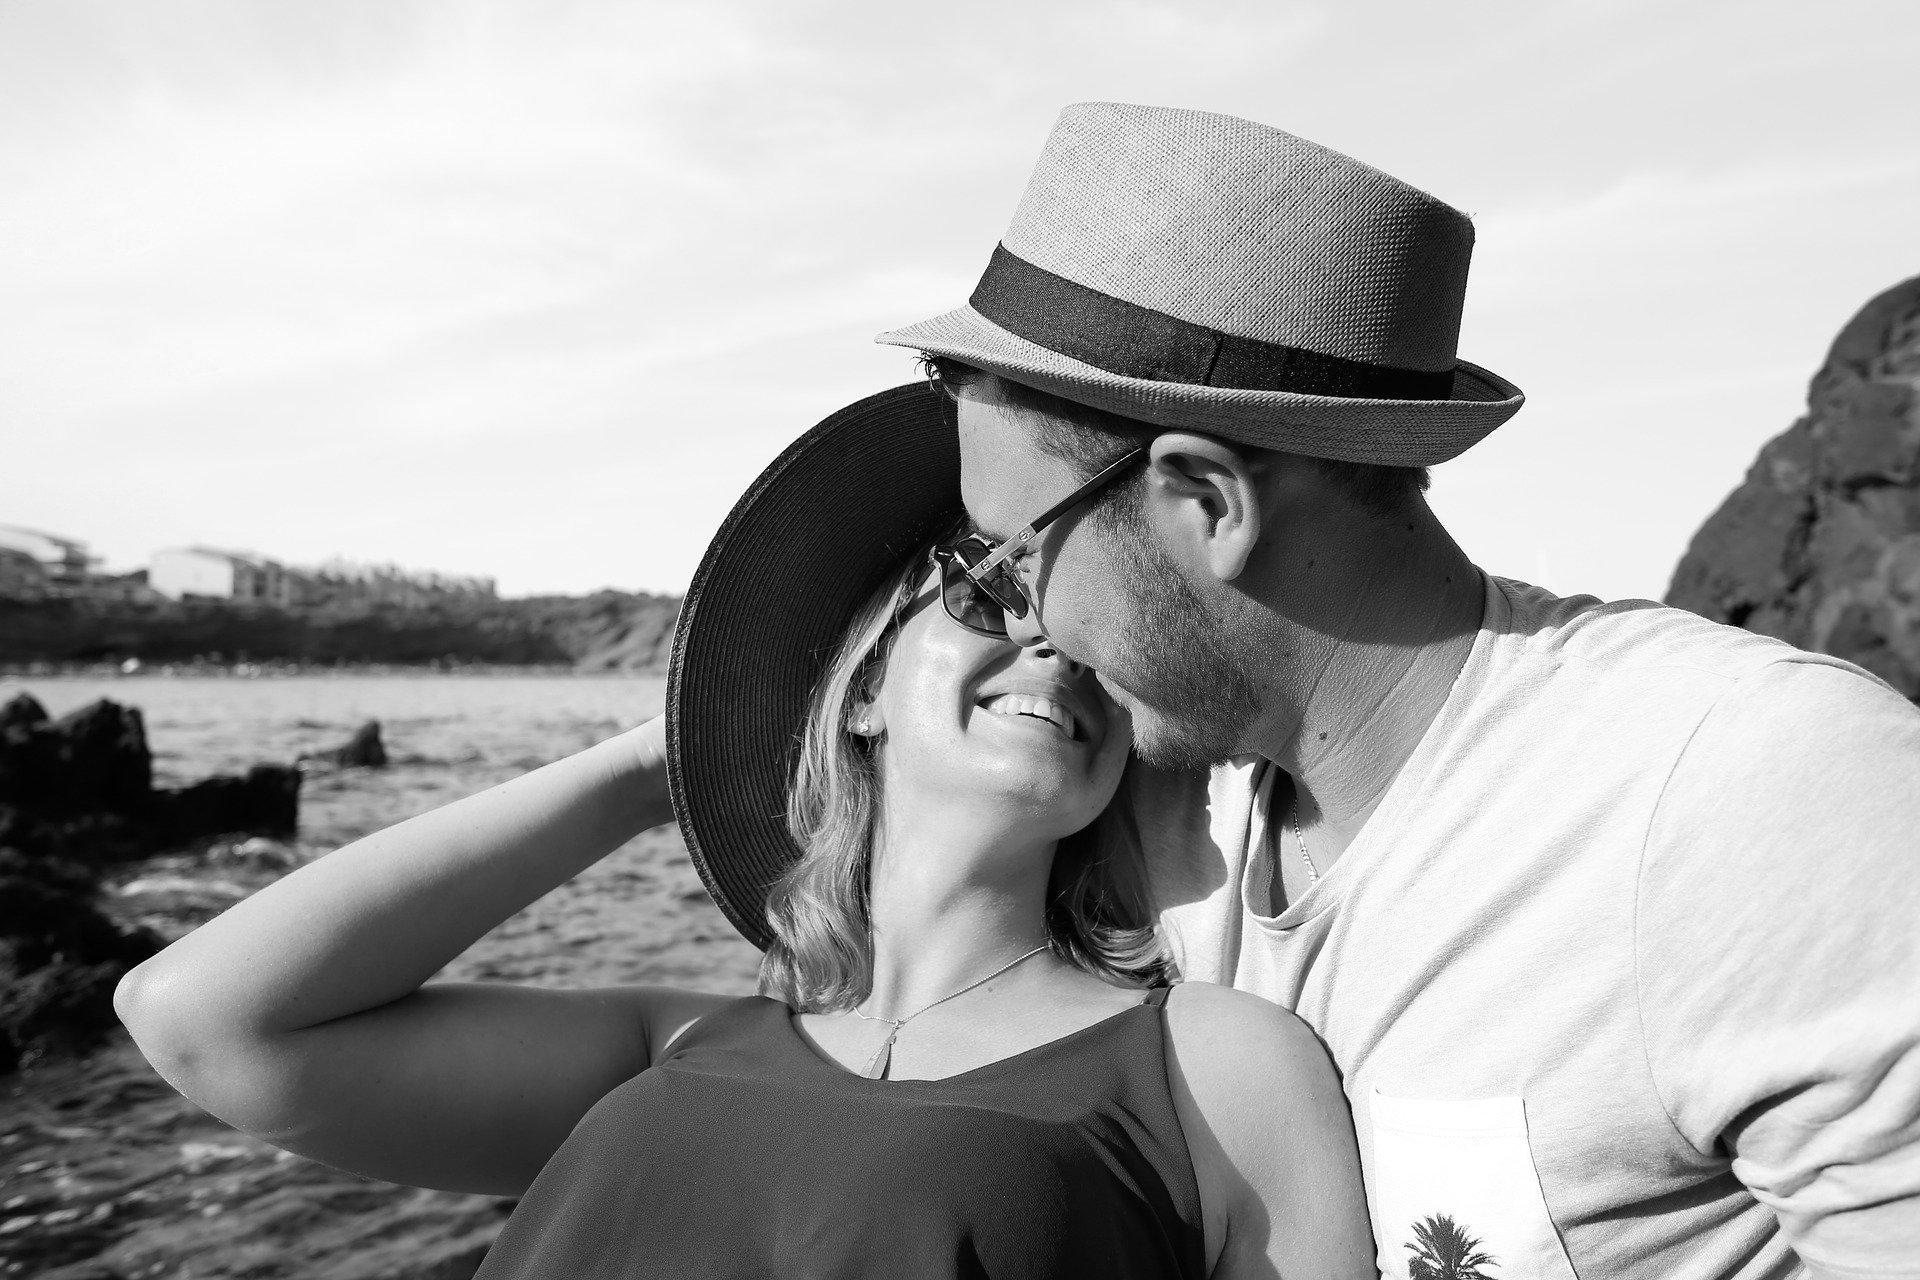 夫婦仲が悪い男性の特徴!あなたの不倫相手の彼が本当に奥さんと不仲であるのかを確かめるにはどうするべき?